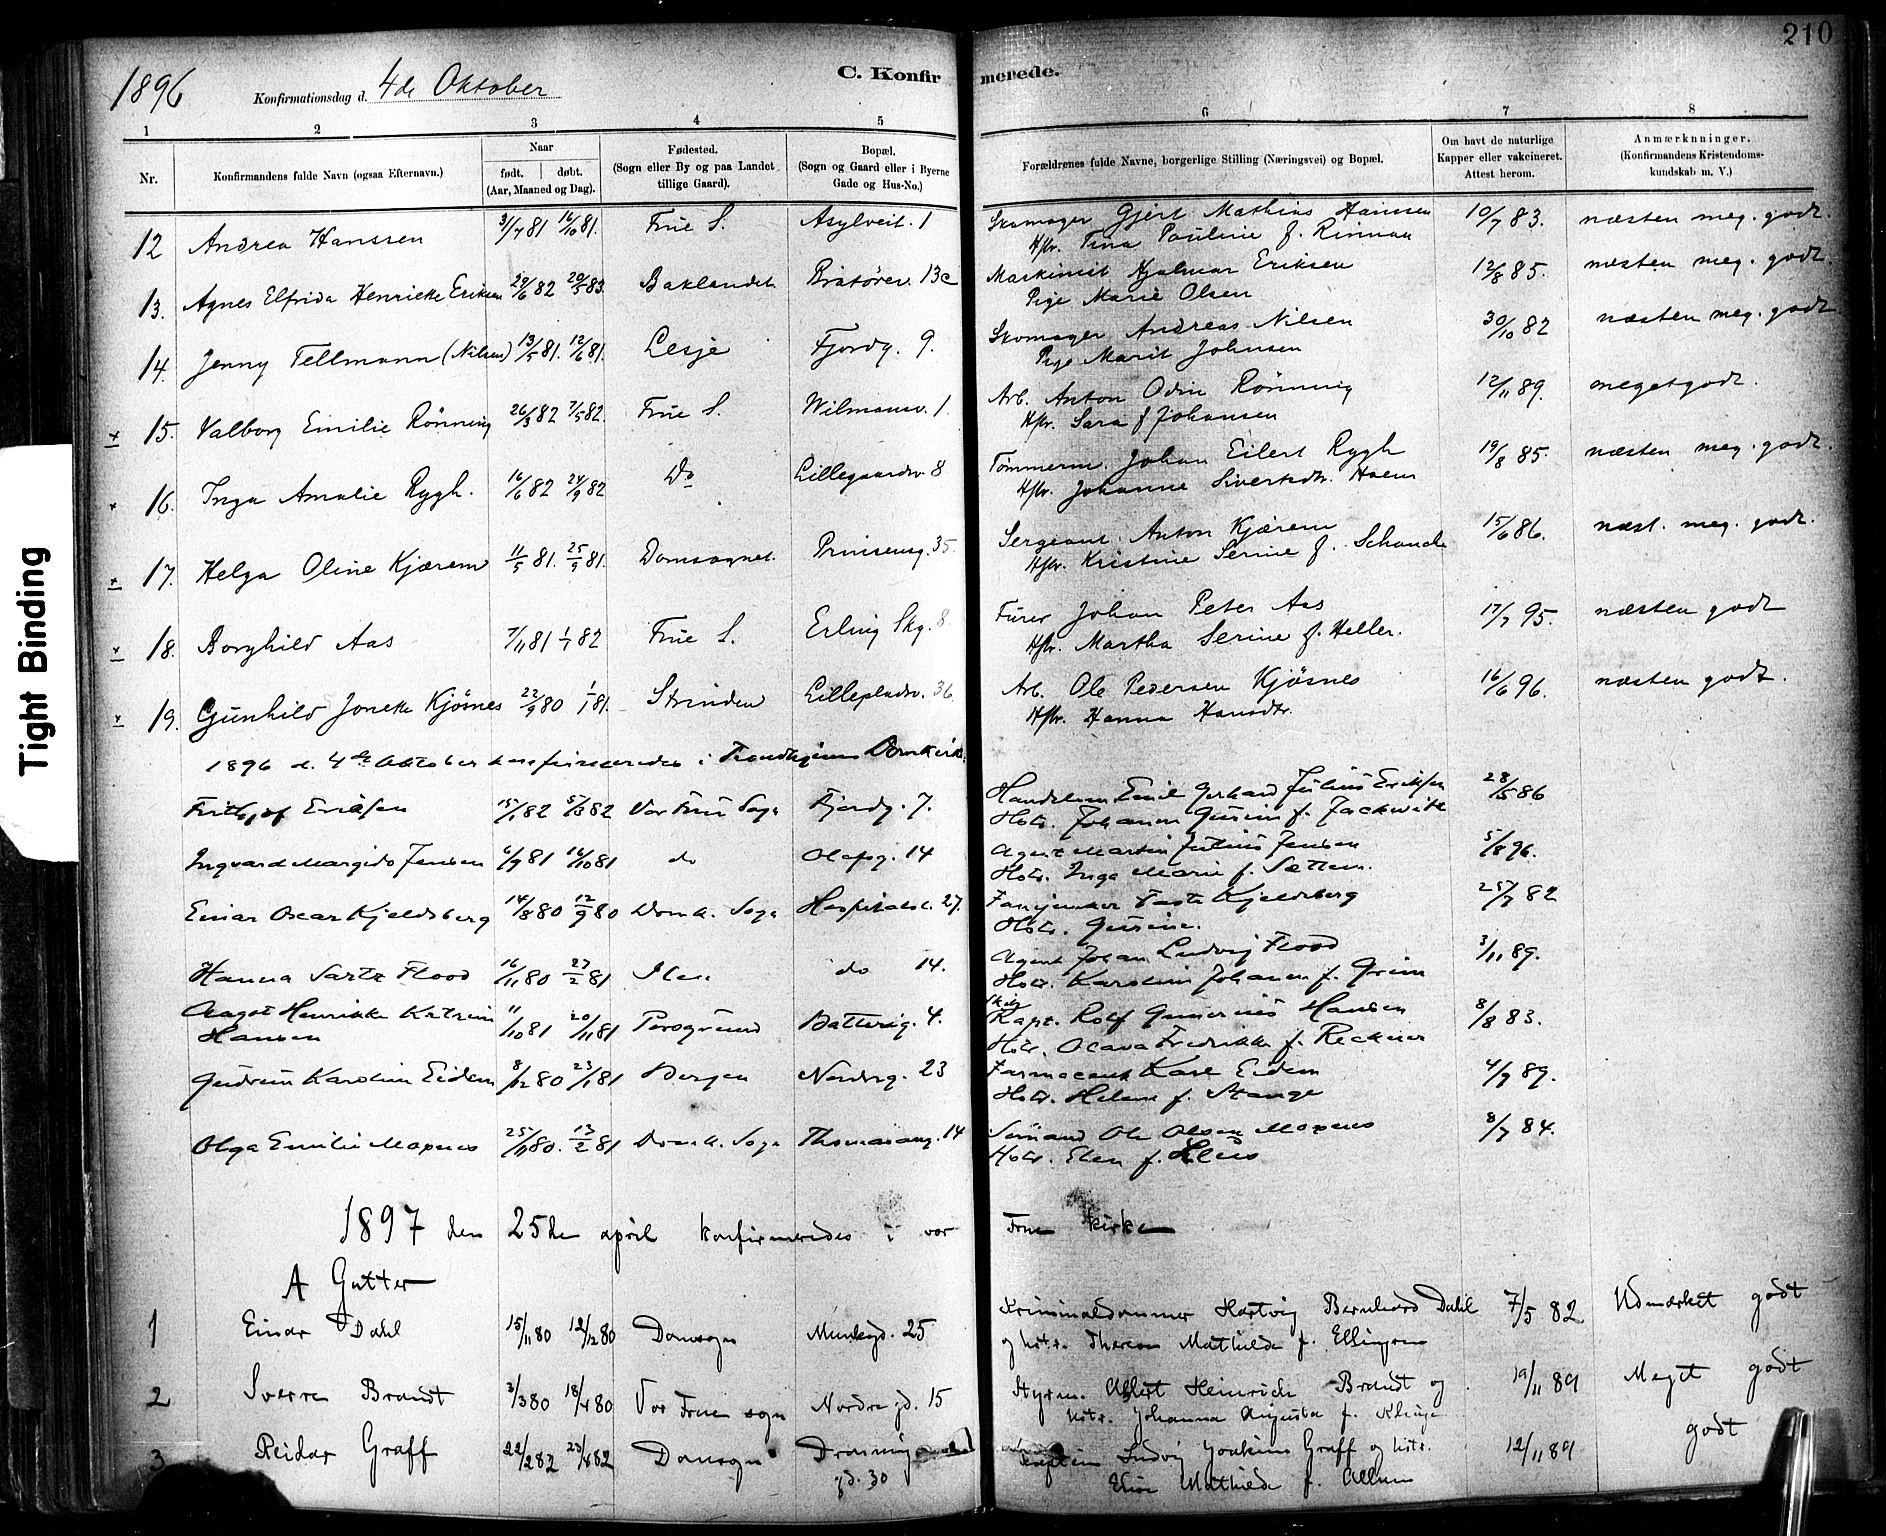 SAT, Ministerialprotokoller, klokkerbøker og fødselsregistre - Sør-Trøndelag, 602/L0119: Ministerialbok nr. 602A17, 1880-1901, s. 210